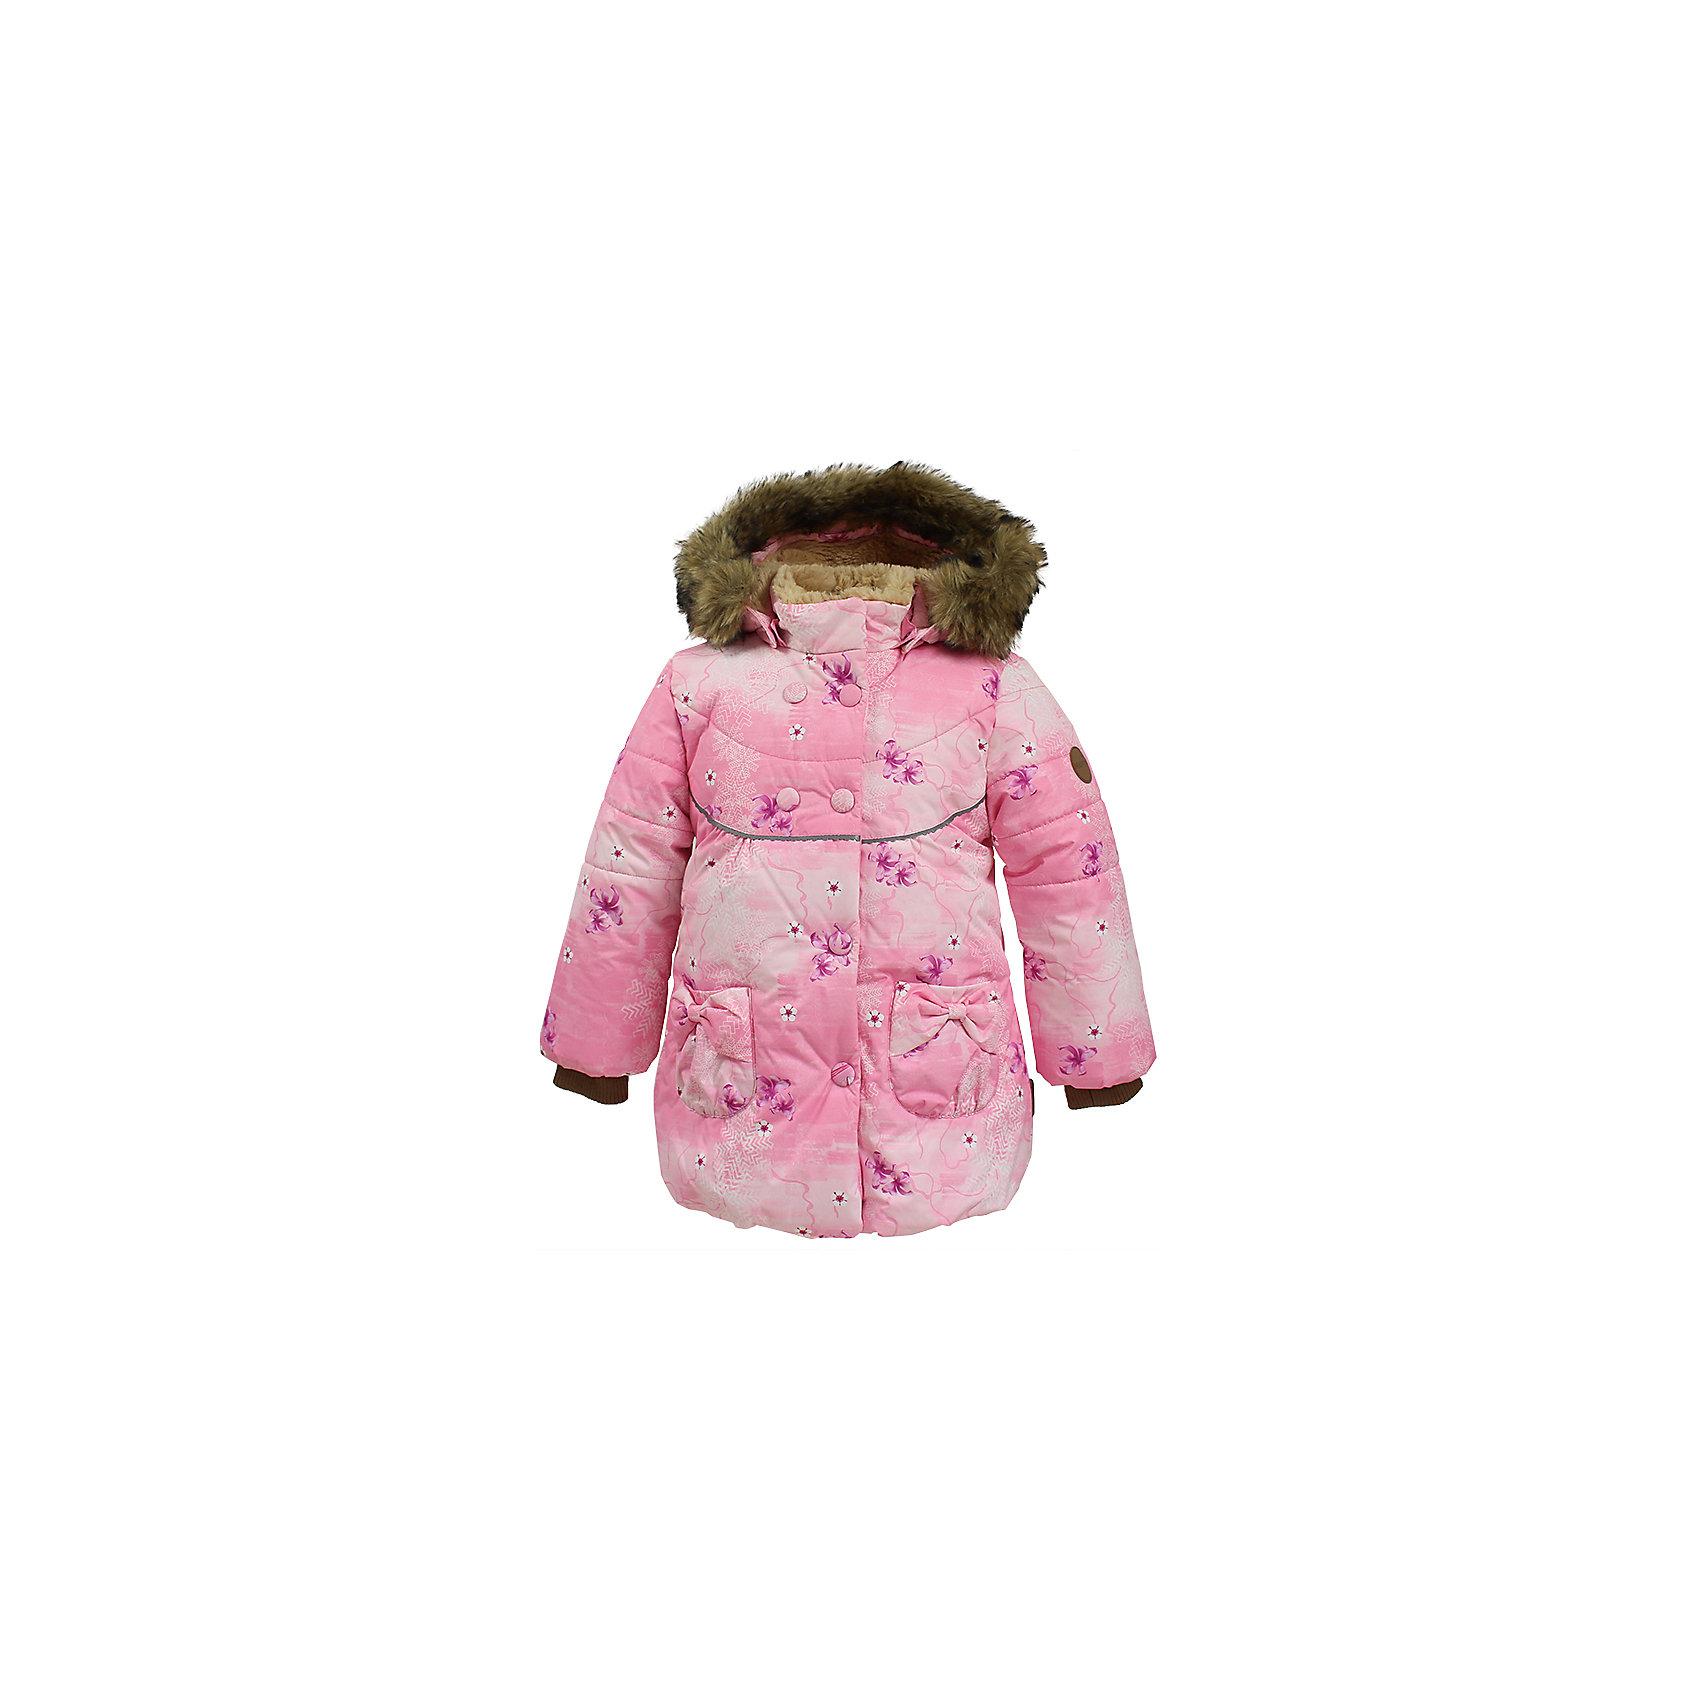 Куртка OLIVIA Huppa для девочкиВерхняя одежда<br>Характеристики товара:<br><br>• модель: Olivia;<br>• цвет: розовый;<br>• состав: 100% полиэстер;<br>• утеплитель: полиэстер,300 гр.;<br>• подкладка: Teddy Fur, тафта,полиэстер;<br>• сезон: зима;<br>• температурный режим: от -5 до - 30С;<br>• водонепроницаемость: 5000 мм;<br>• воздухопроницаемость: 5000 г/м2/24ч;<br>• особенности модели: c рисунком; с мехом на капюшоне;<br>• защитная планка молнии на кнопках;<br>• защита подбородка от защемления;<br>• мягкая меховая подкладка;<br>• безопасный капюшон крепится на кнопки и, при необходимости, отстегивается;<br>• искусственный мех на капюшоне съемный;<br>• спереди расположены два накладныхкармана, с декором в виде бантиков;<br>• светоотражающие элементы для безопасности ребенка;<br>•  трикотажные манжеты; <br>• страна бренда: Финляндия;<br>• страна изготовитель: Эстония.<br><br>Зимняя куртка с капюшоном Olivia для девочки изготовлена из водо и ветронепроницаемого, грязеотталкивающего материала. В куртке Olivia 300 грамм утеплителя, которые обеспечат тепло и комфорт ребенку при температуре от -5 до -30 градусов.Подкладка —Teddy Fur,тафта.<br><br>Функциональные элементы: капюшон отстегивается с помощью кнопок, мех отстегивается, защитная планка молнии на кнопках, защита подбородка от защемления, мягкая меховая подкладка, карманы без застежек, трикотажные манжеты, светоотражающие элементы. <br><br>Куртку Olivia для девочки бренда HUPPA  можно купить в нашем интернет-магазине.<br><br>Ширина мм: 356<br>Глубина мм: 10<br>Высота мм: 245<br>Вес г: 519<br>Цвет: розовый<br>Возраст от месяцев: 72<br>Возраст до месяцев: 84<br>Пол: Женский<br>Возраст: Детский<br>Размер: 122,80,86,92,98,104,110,116<br>SKU: 7024846